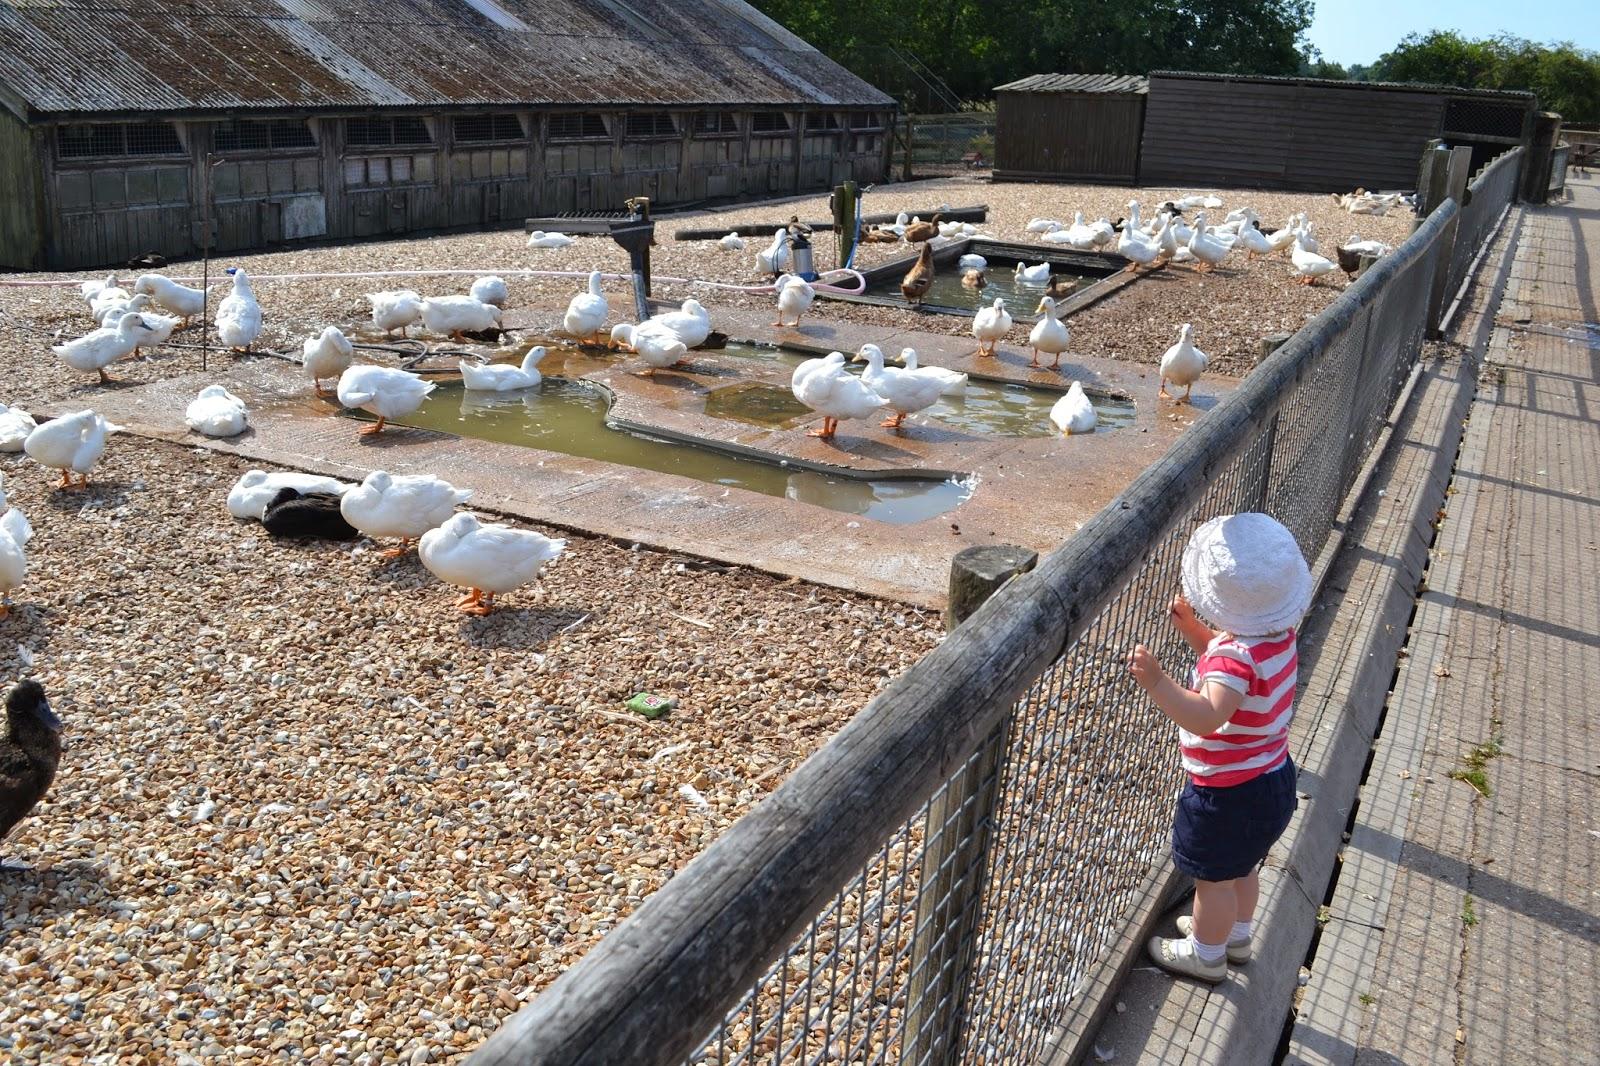 Tin Box Tot looks at ducks